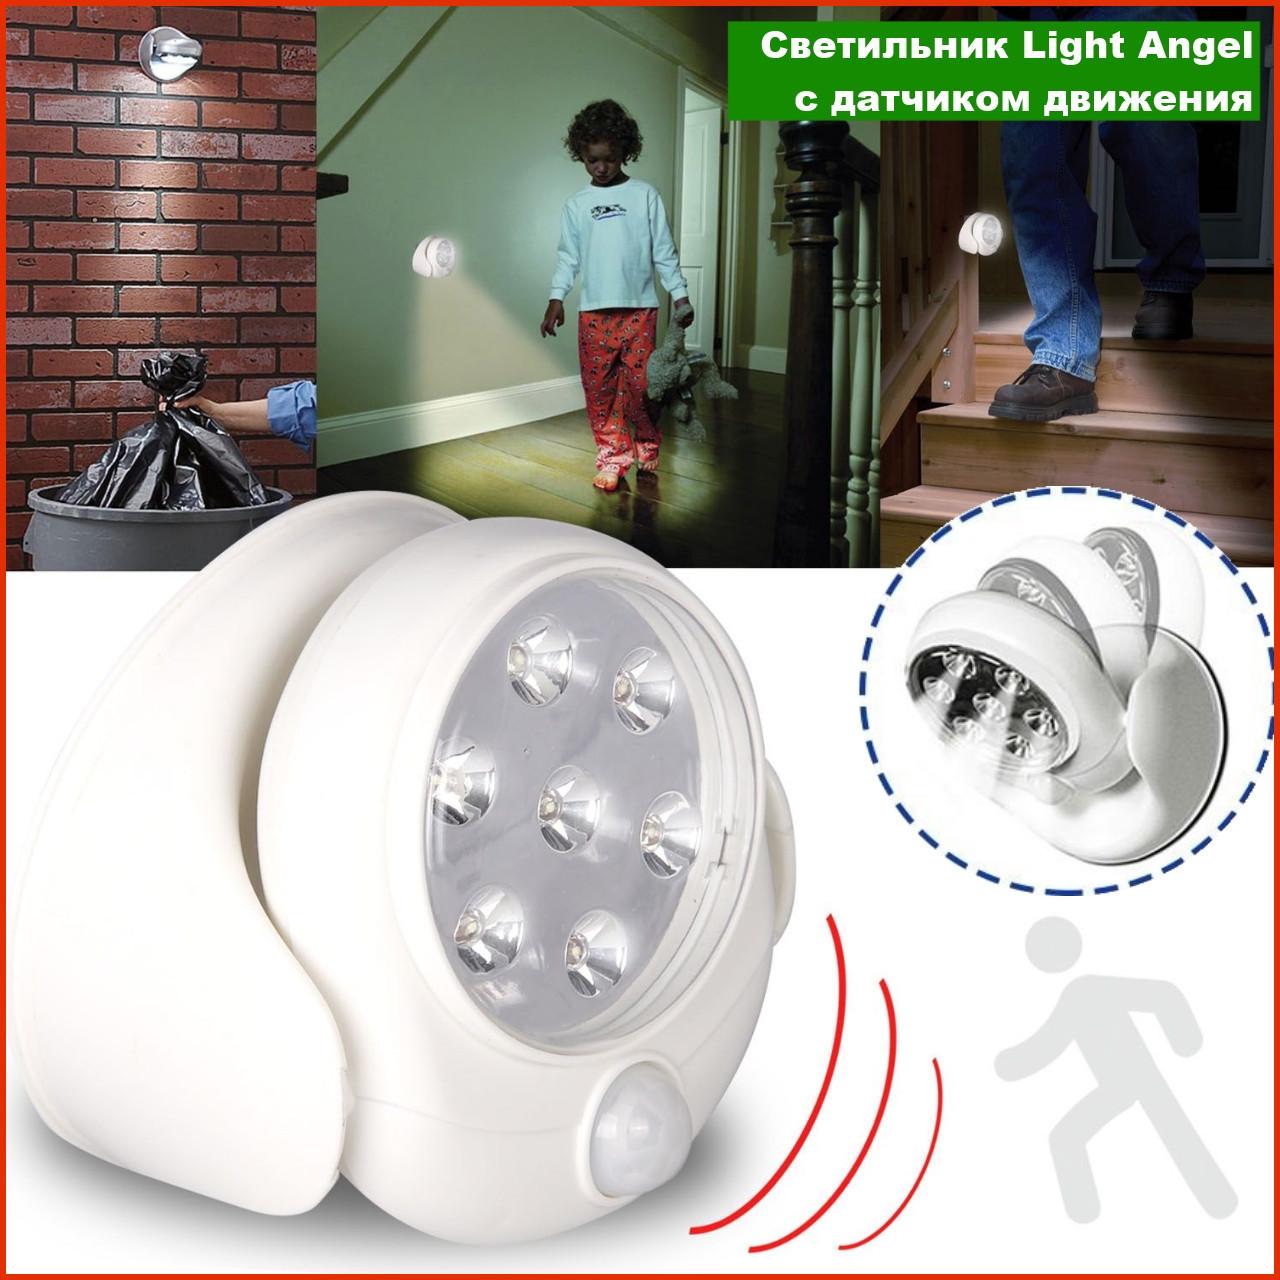 Світильник з датчиком руху Light Angel (Лайт Енджел) бездротовий світлодіодний ліхтар LED підсвічування Ange